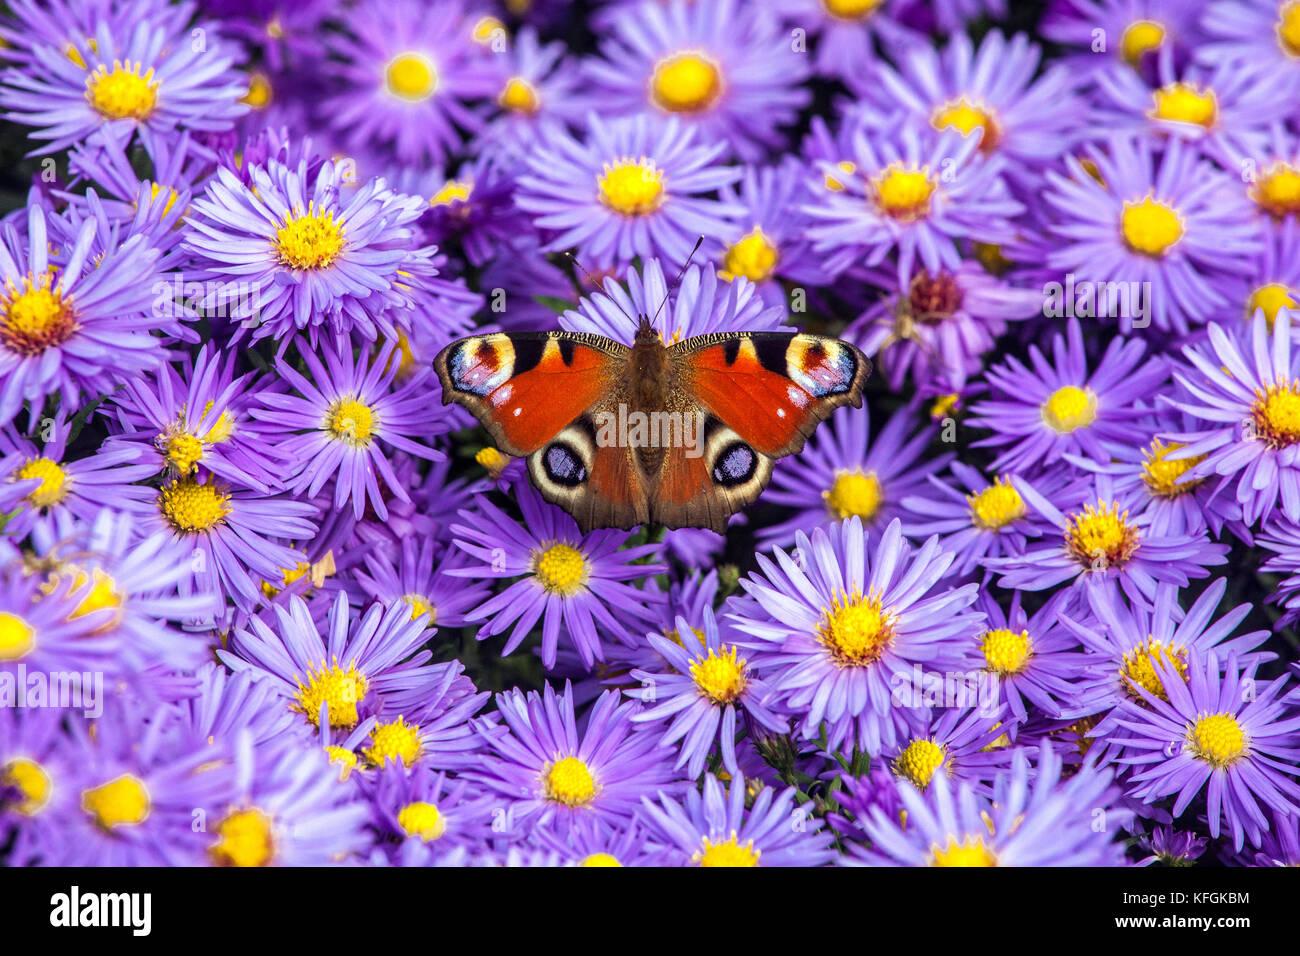 Peacock mariposa sobre la flor Inachis io sentado en Aster dumosus ' Prof. Anton Kippenberg ' Octubre flores Foto de stock